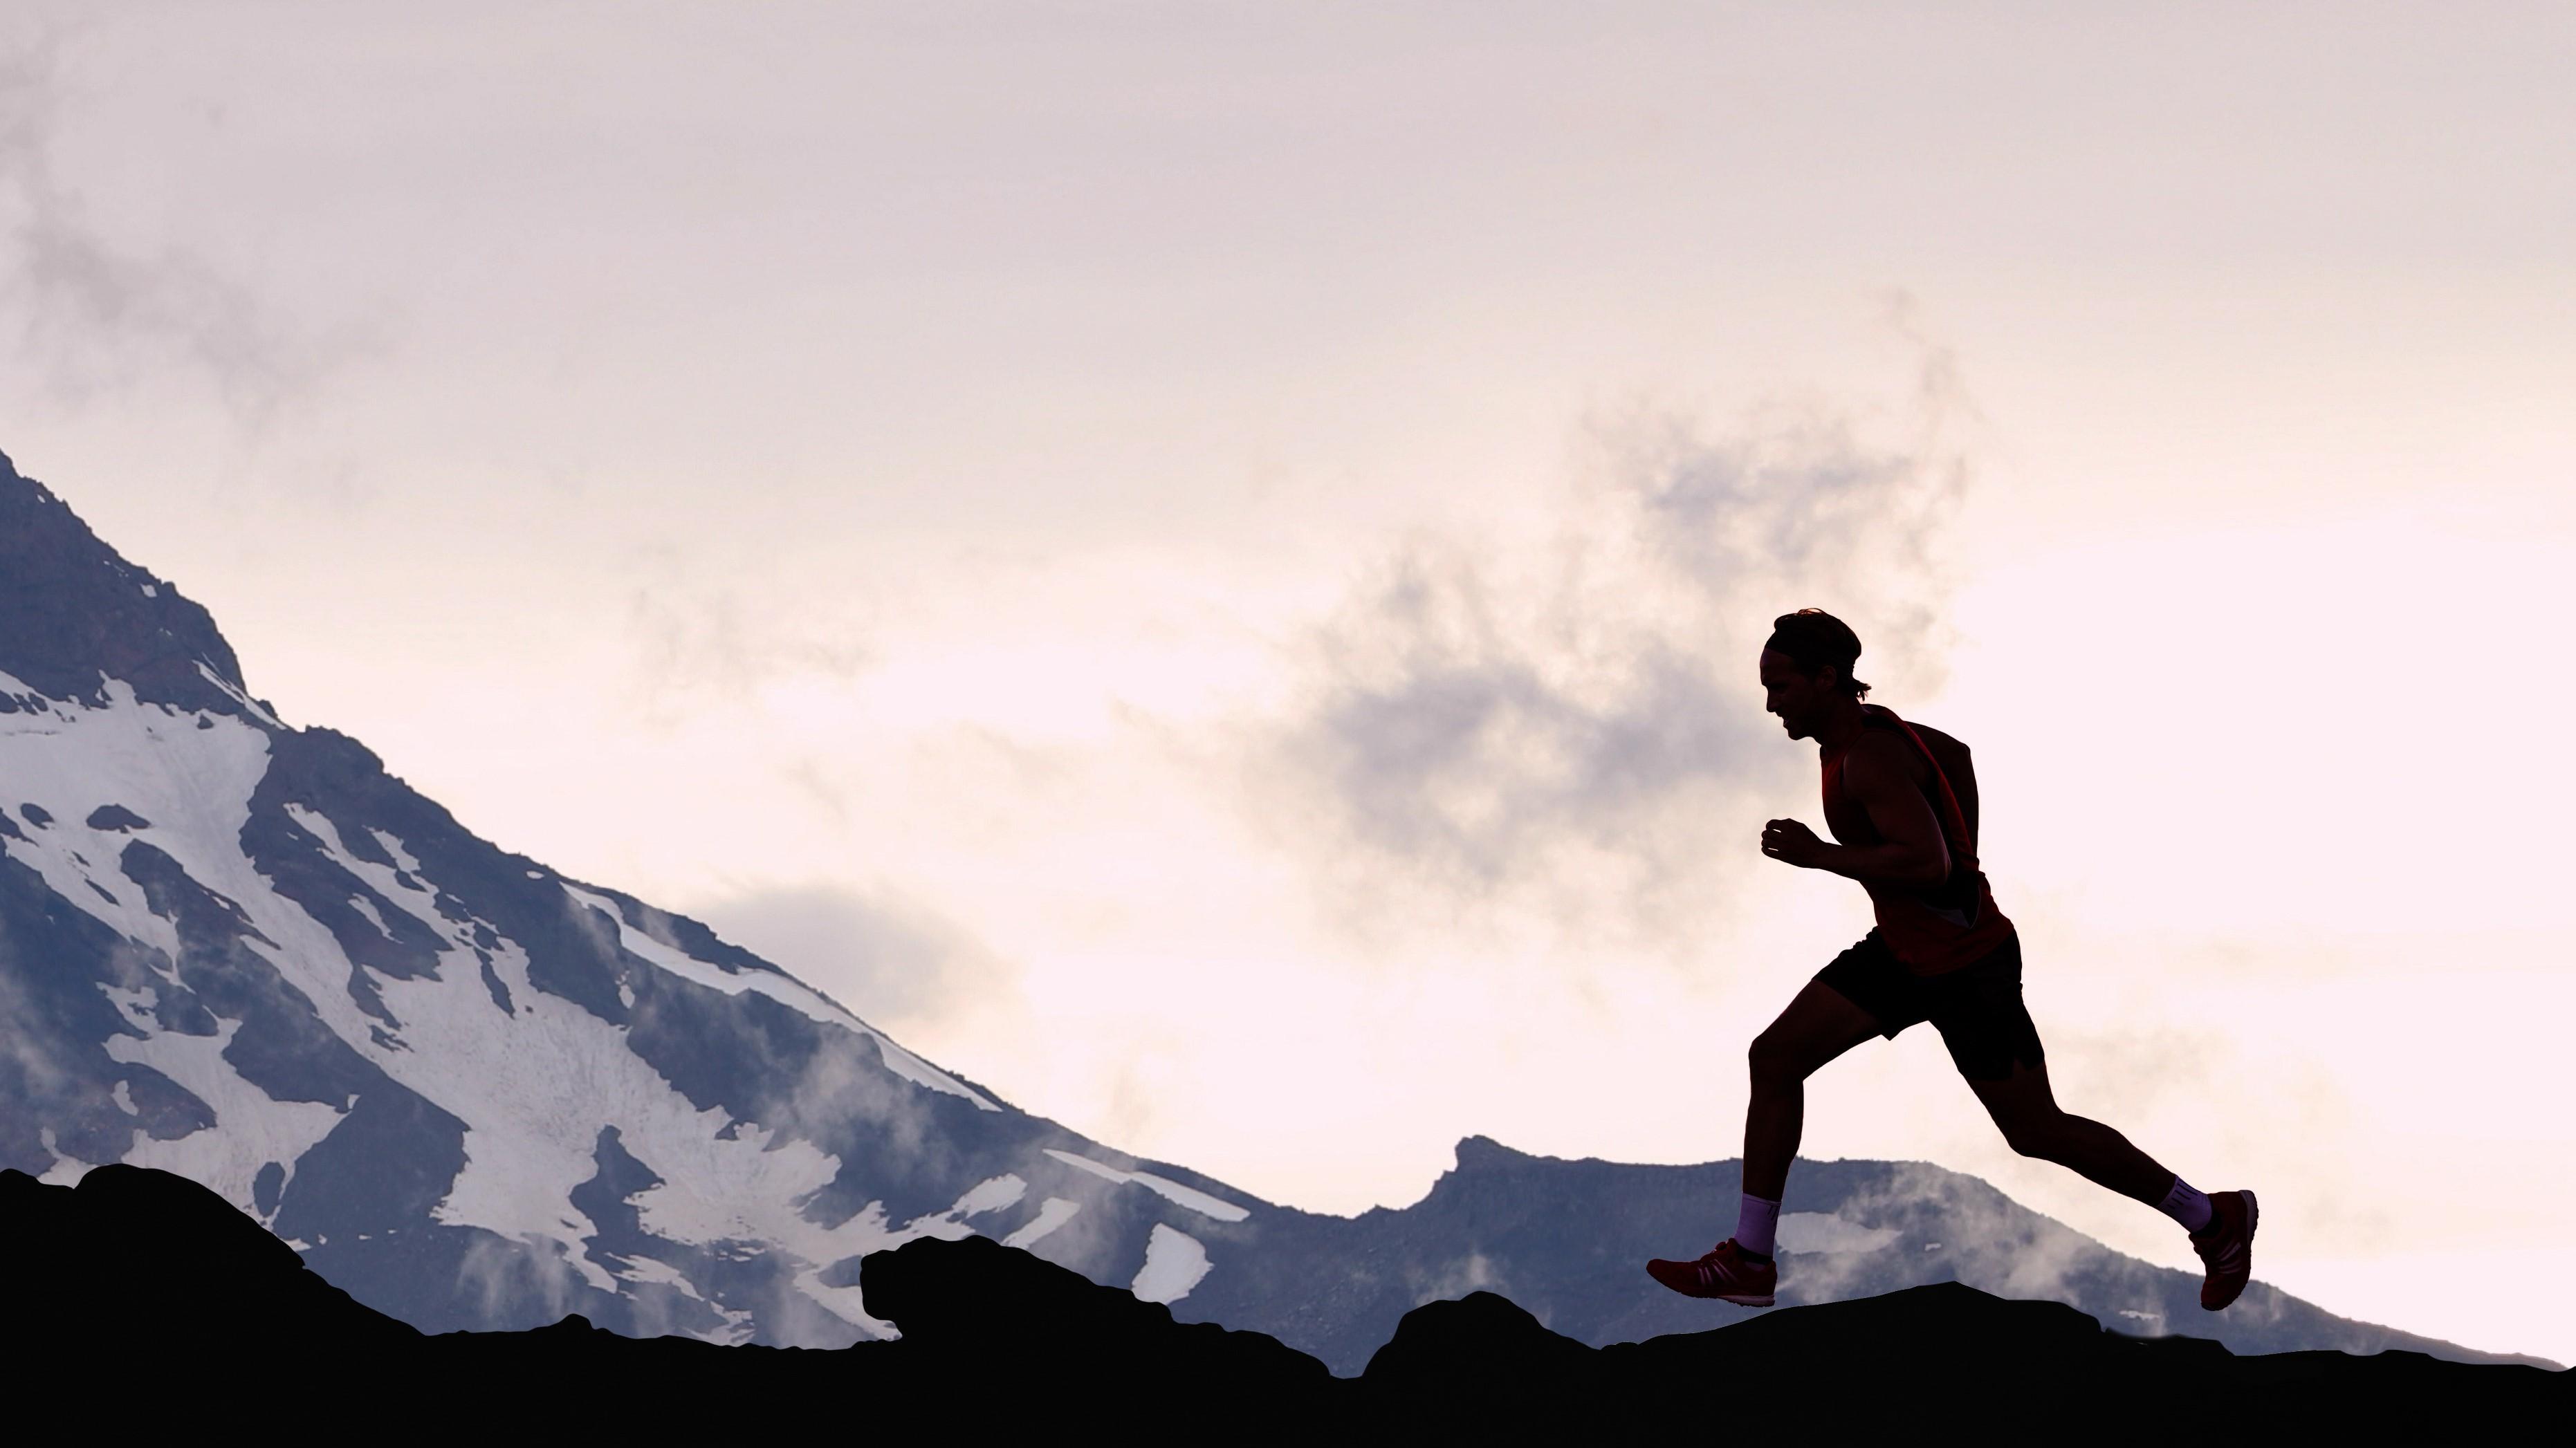 Läufer auf einem Berg | Dein Personal Trainer Berlin